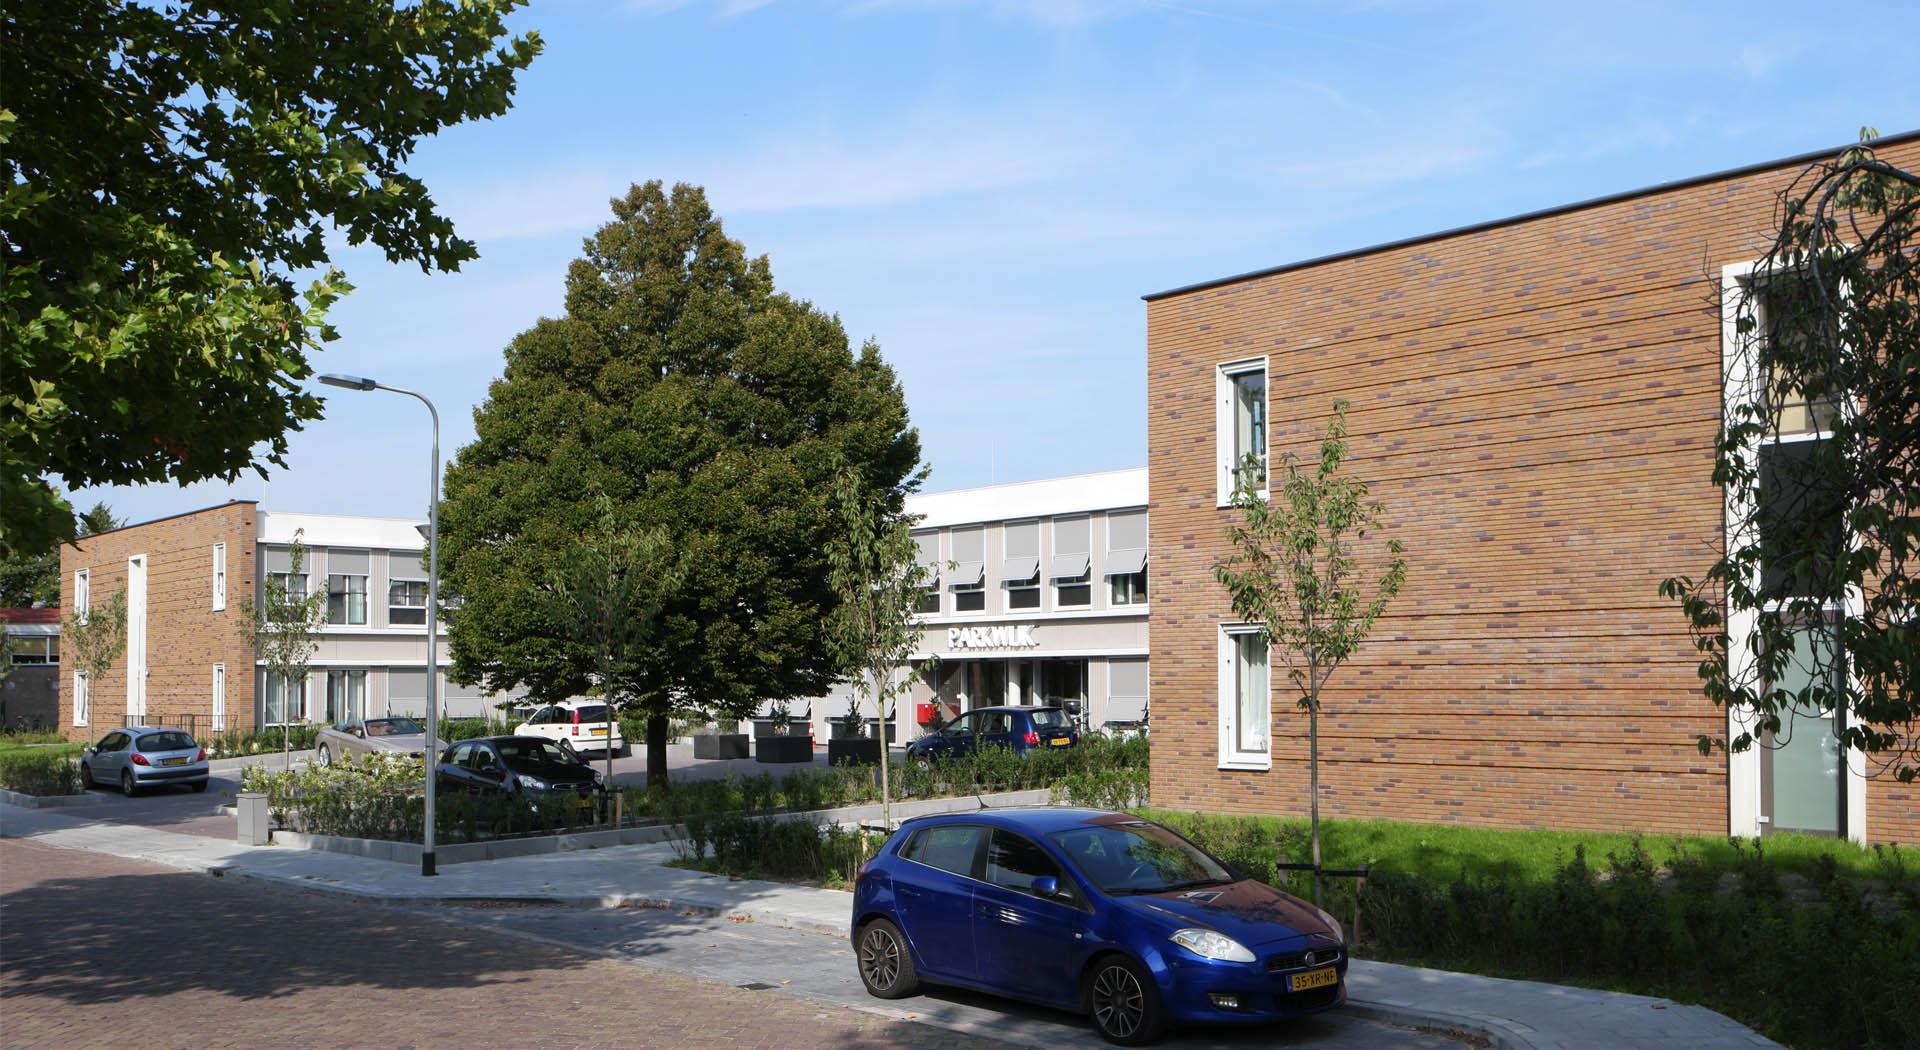 Parkwijk_Hillegom_Spring_001